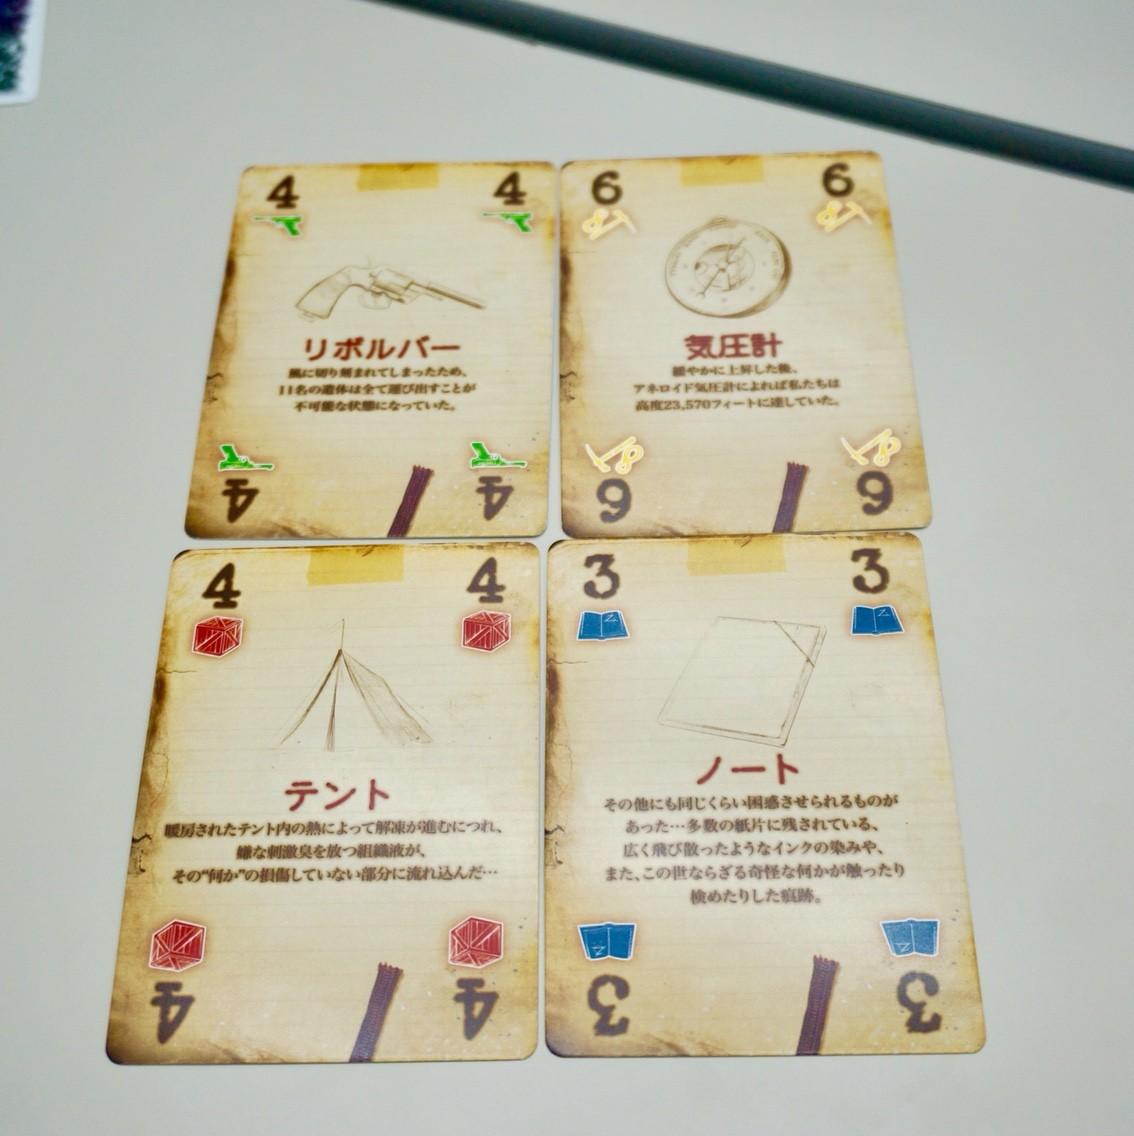 狂気山脈(Mountain of Madness):カードの種類